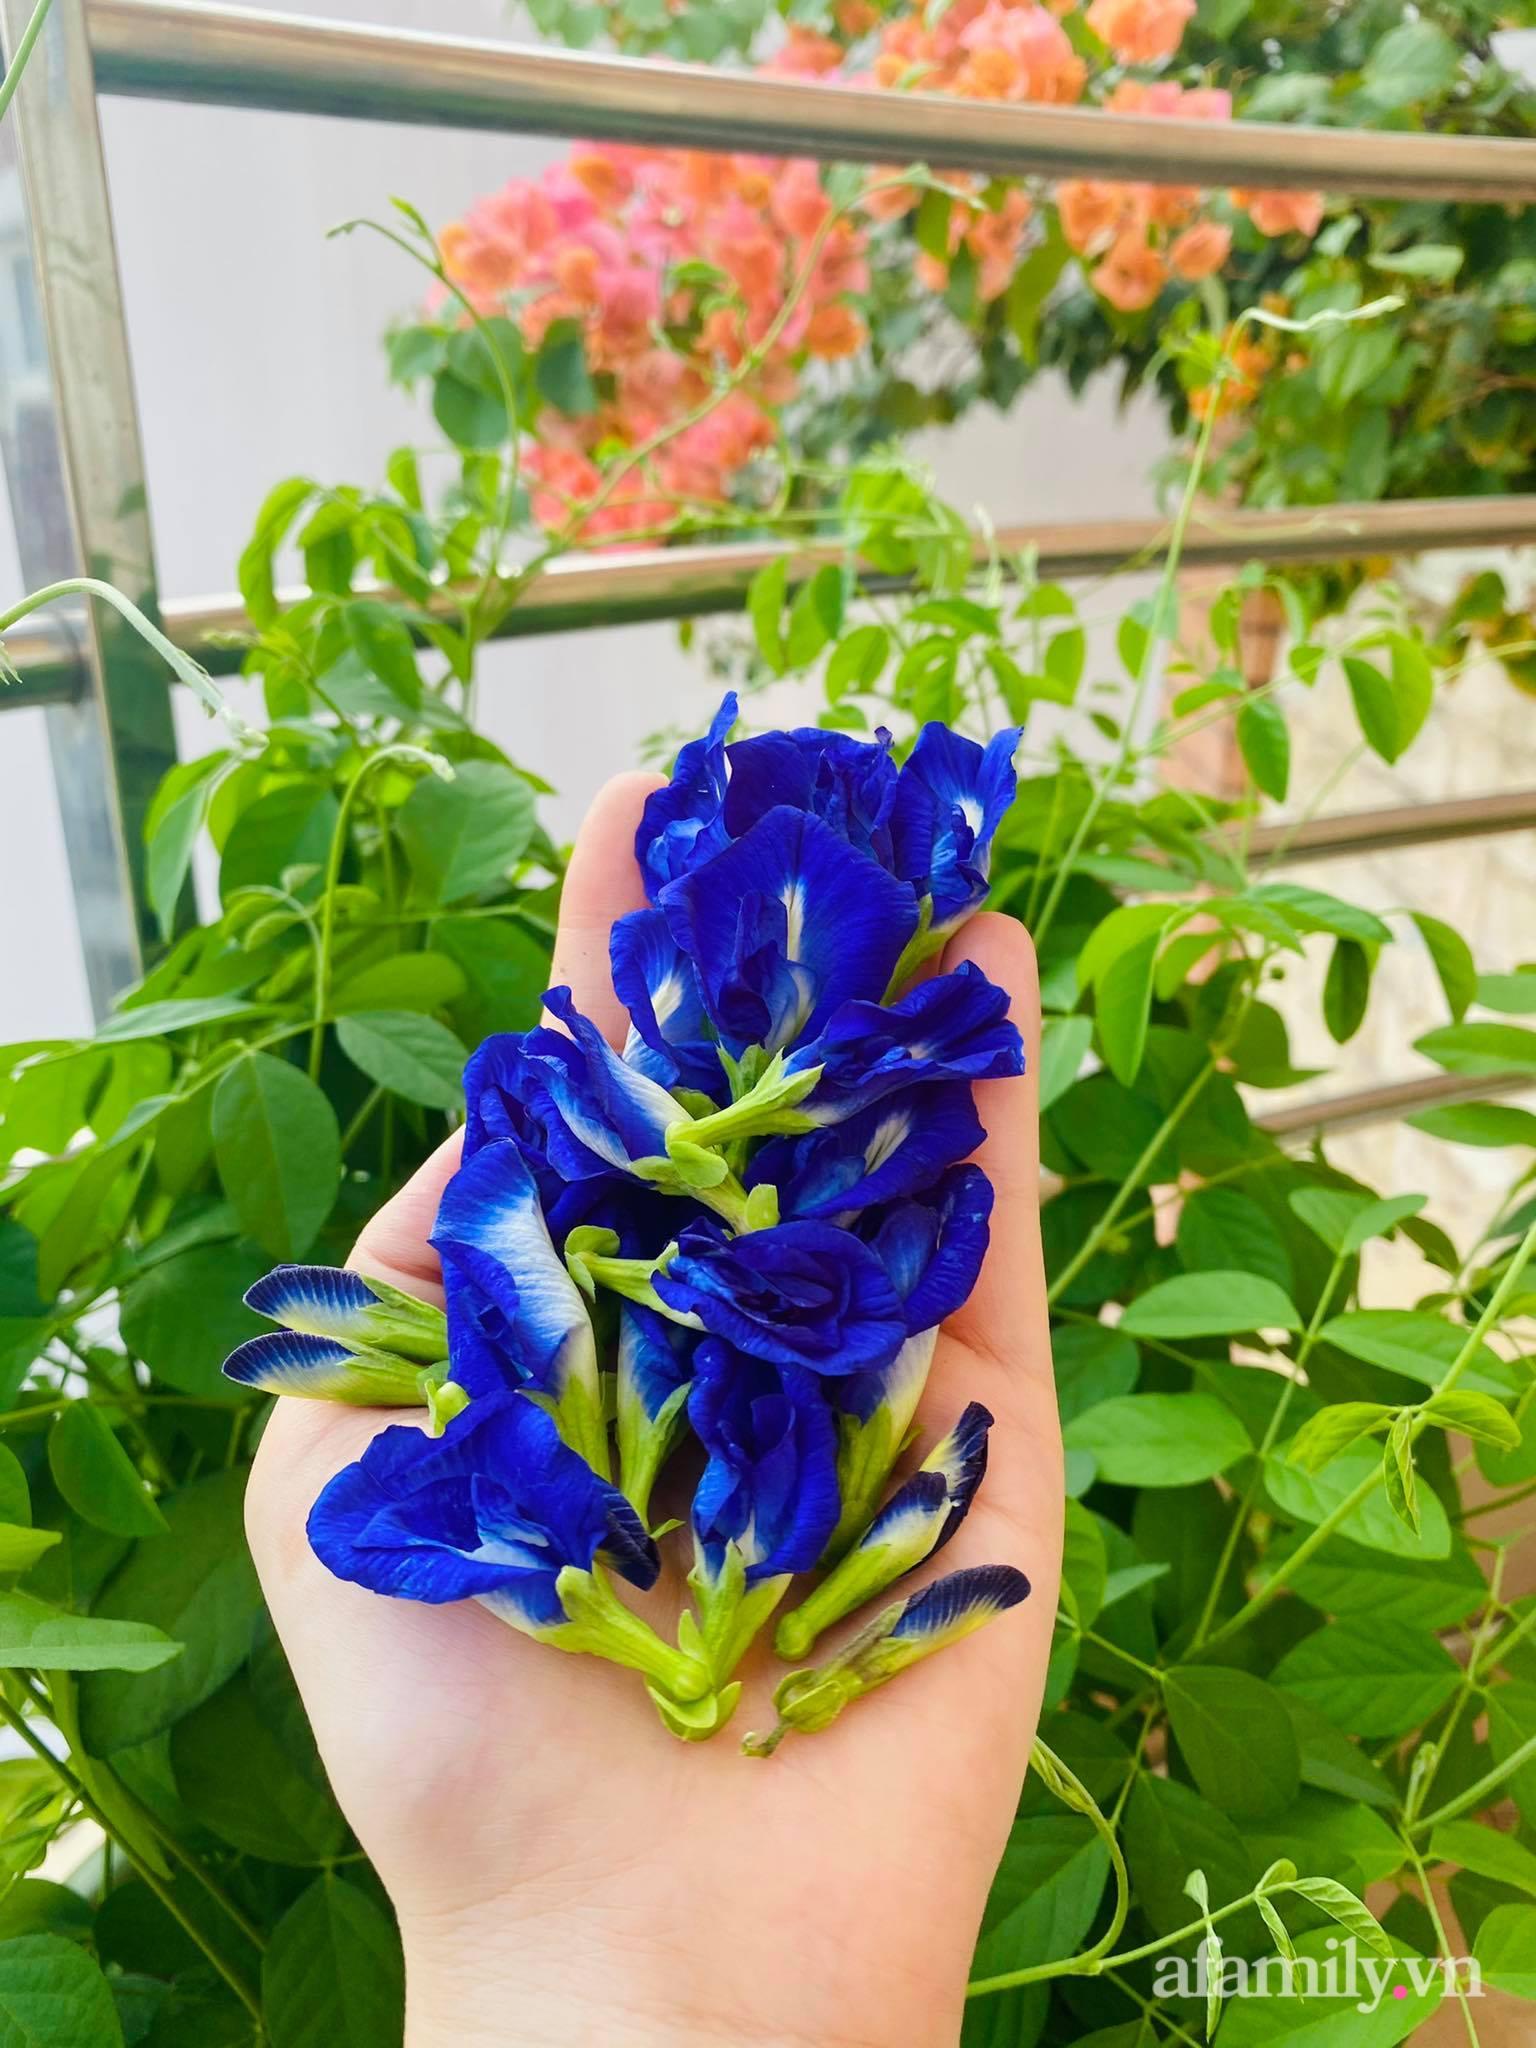 Sân thượng phủ kín hoa hồng và rau quả sạch ở Sài Gòn của Hoa hậu Janny Thủy Trần - ảnh 30